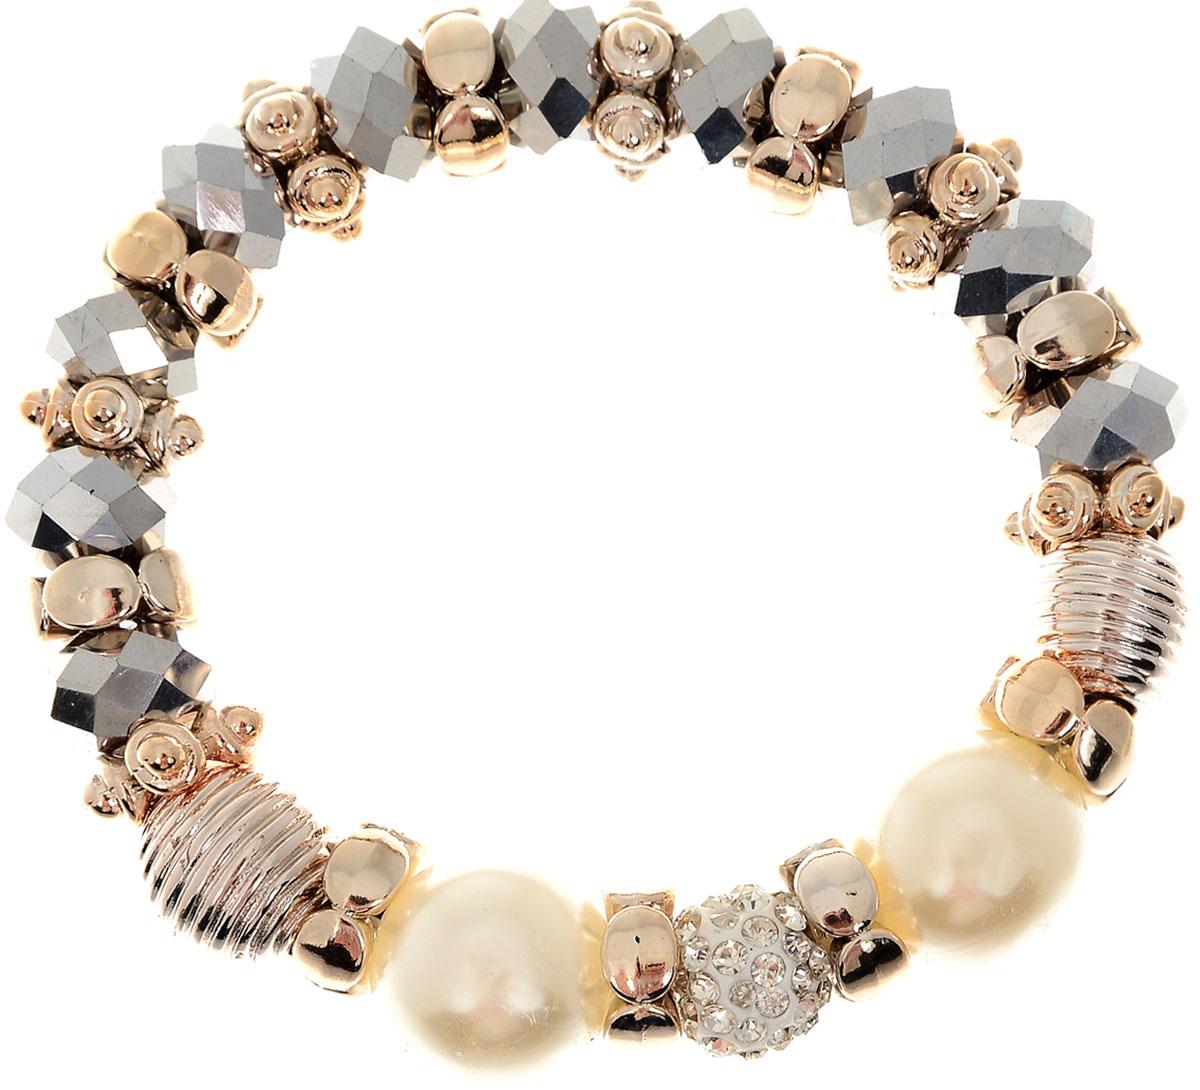 Браслет Taya, цвет: хематит. T-B-11916-BRAC-HEMATITET-B-11916-BRAC-HEMATITEУдобный, современный браслет на резинке. Половина его из кристаллов и золотых перемычек, другая - из жемчужин. Можно переворачивать и носить той стороной, которая сегодня подходит под одежду.